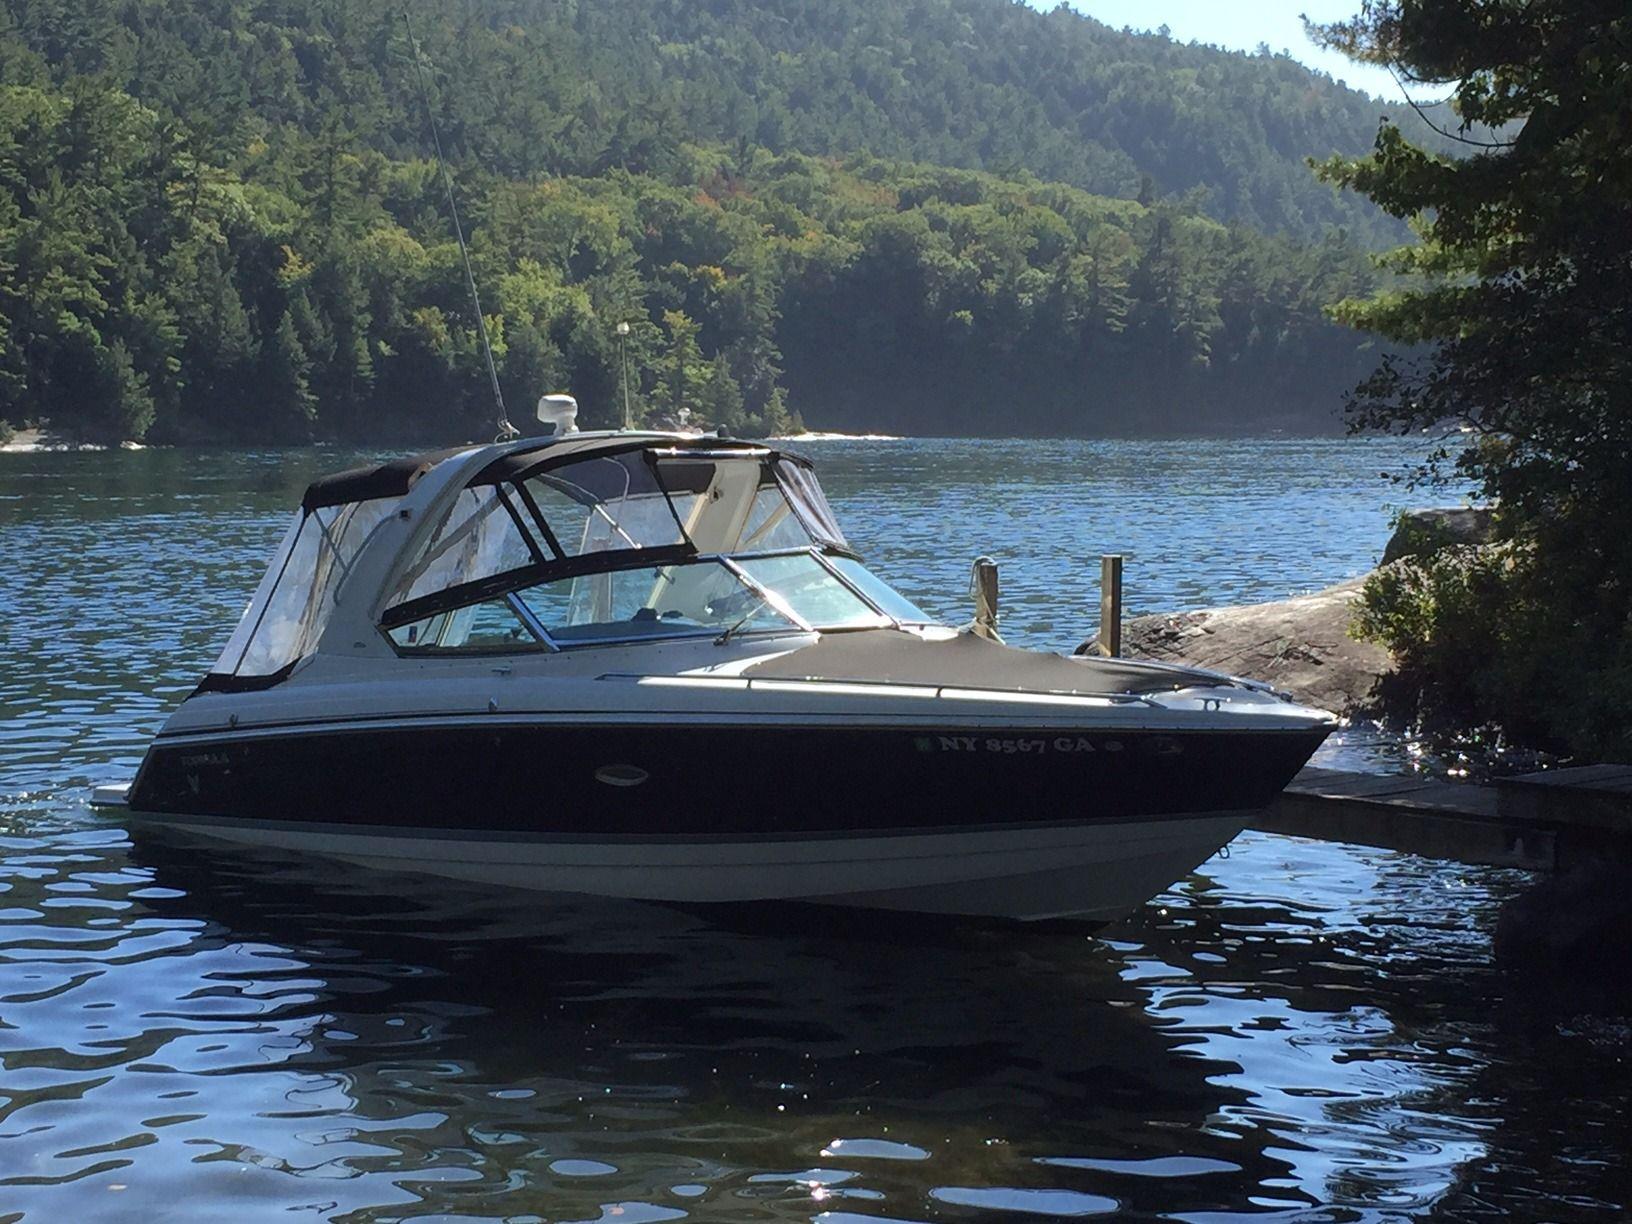 lake george boat rentals ny